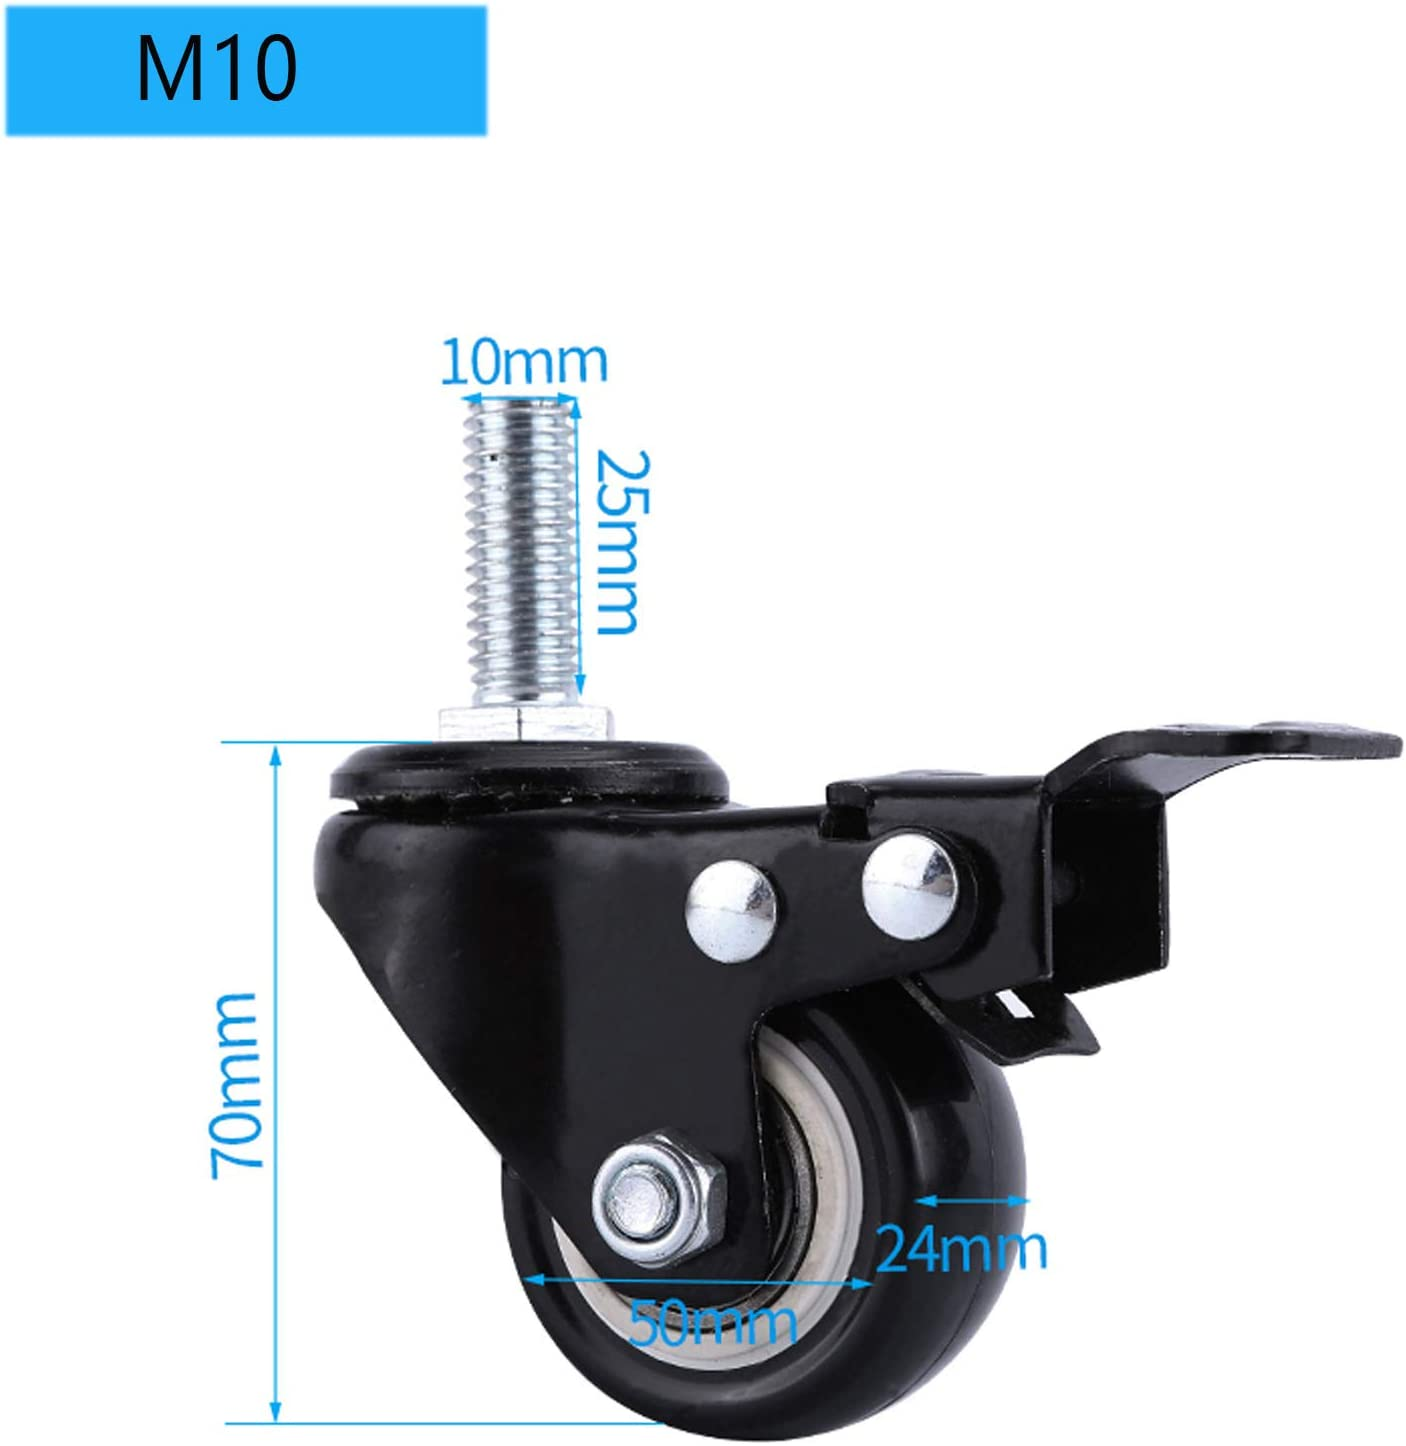 M8 Caricare 150Kg,Nero 4 Pcs 50mm Ruote Per Mobili Rotelle Girevoli Ruota In Poliuretano Con Freno,Viti M8//M10//M12,Mobili Per La Casa,Resistenti AllUsura//Silenzioso